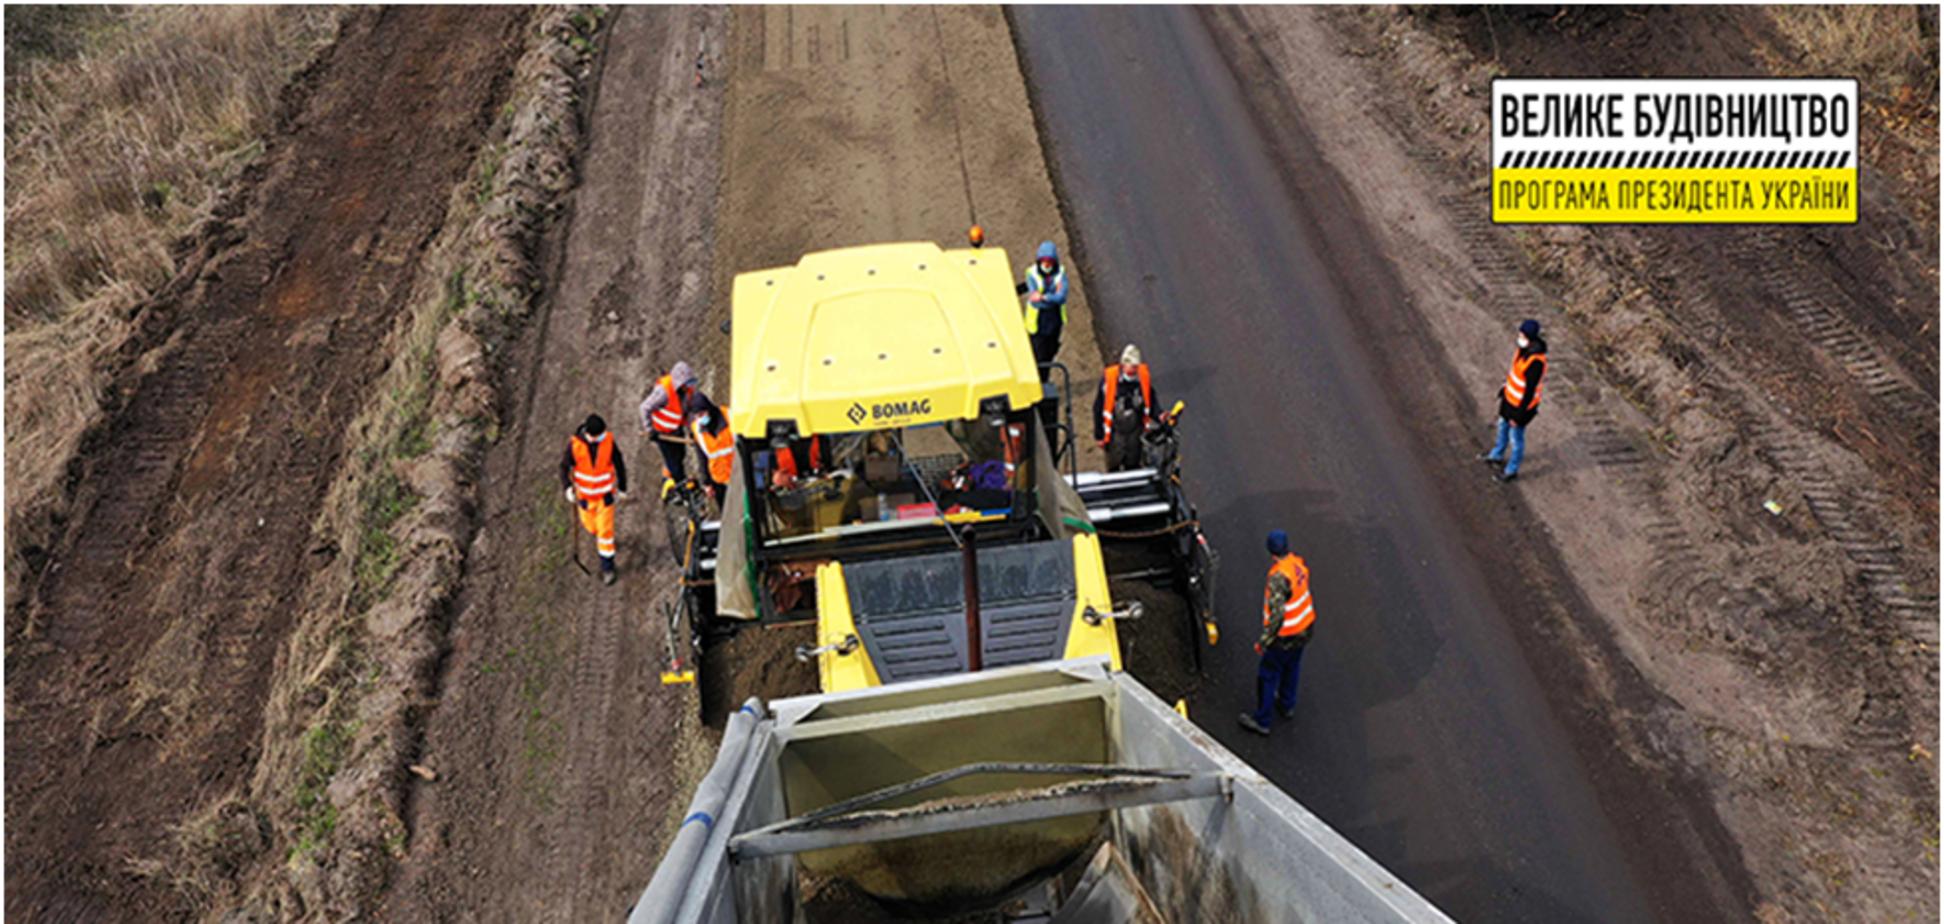 'Большая стройка' создала более 200 тысяч рабочих мест в период коронакризиса, – Юлия Свириденко